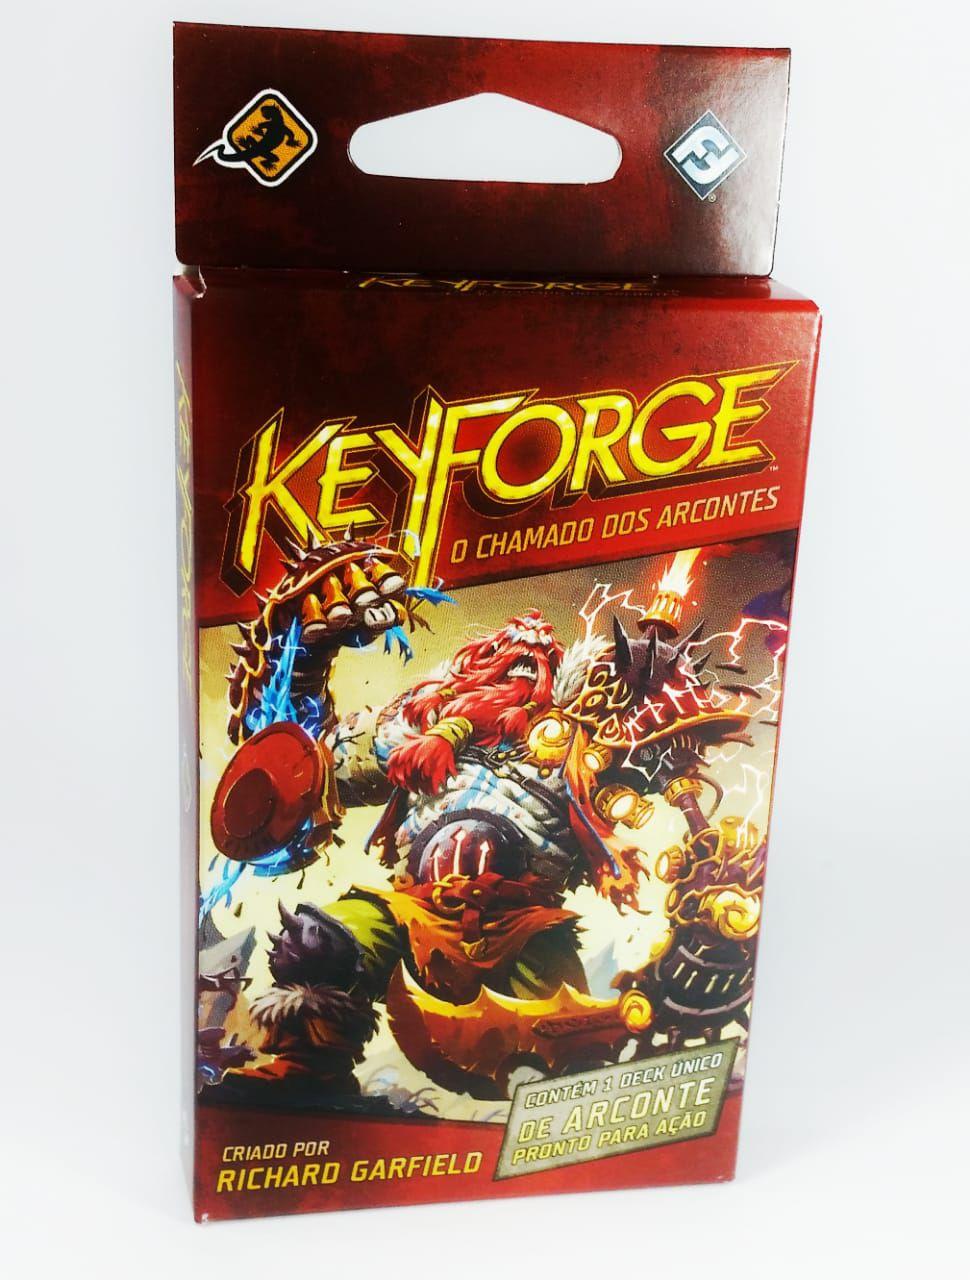 Keyforge O Chamado de Arcontes Deck Unico em português Jogo de Cartas Galapagos KFG002a  - Place Games